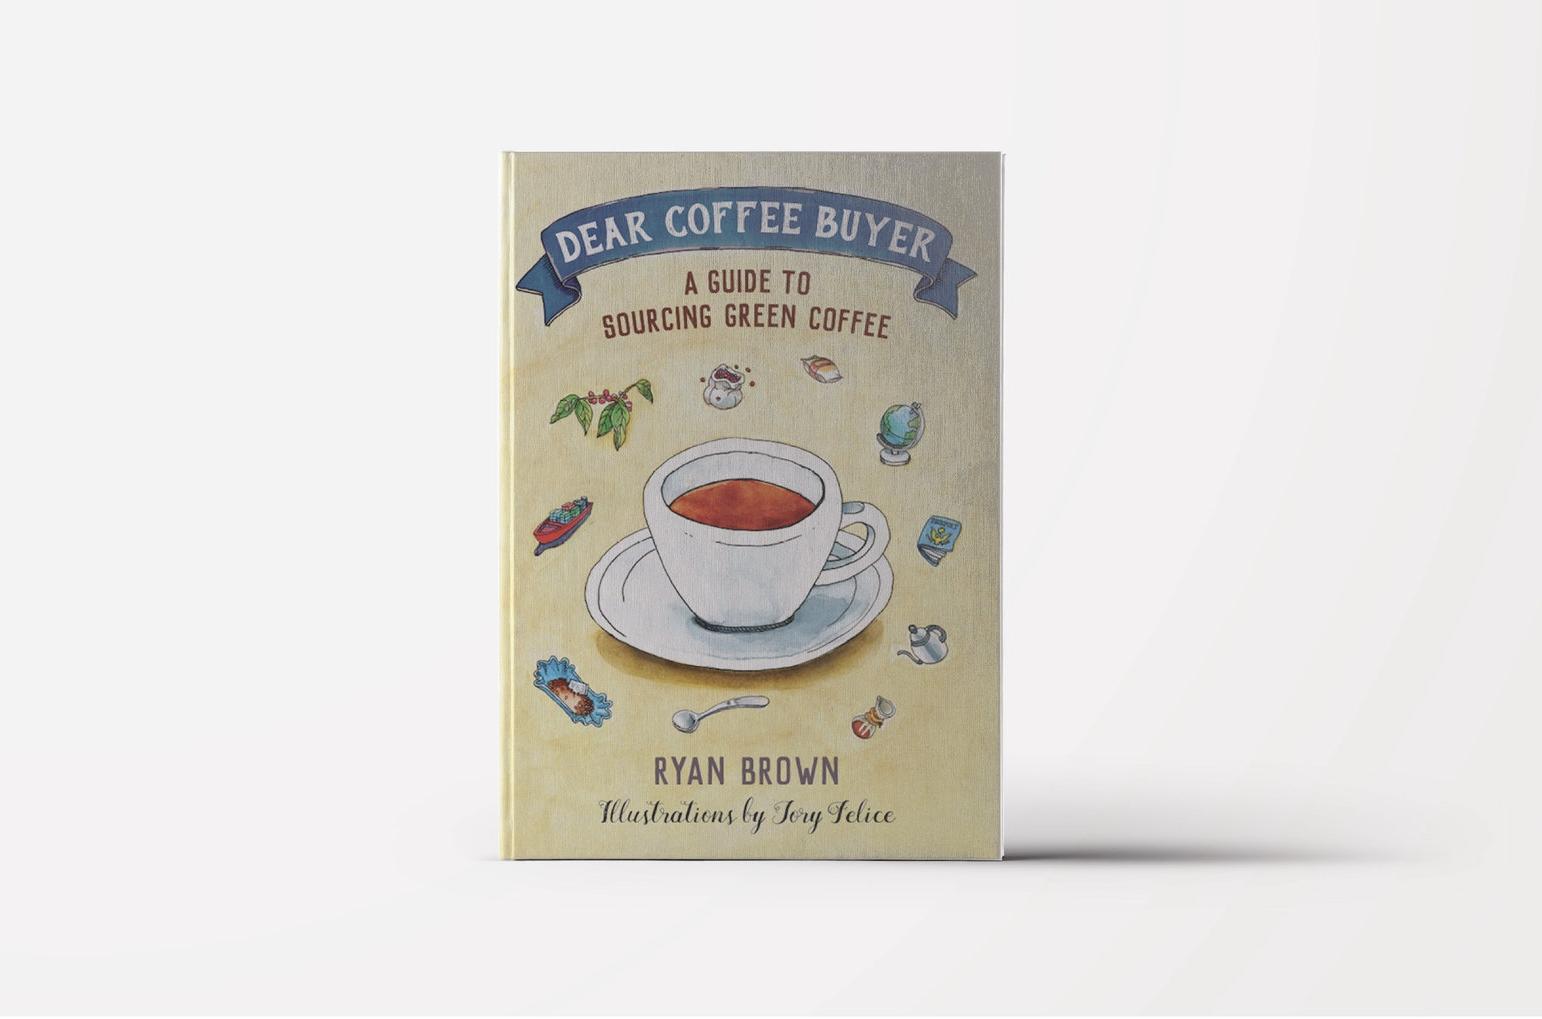 Dear Coffee Buyer